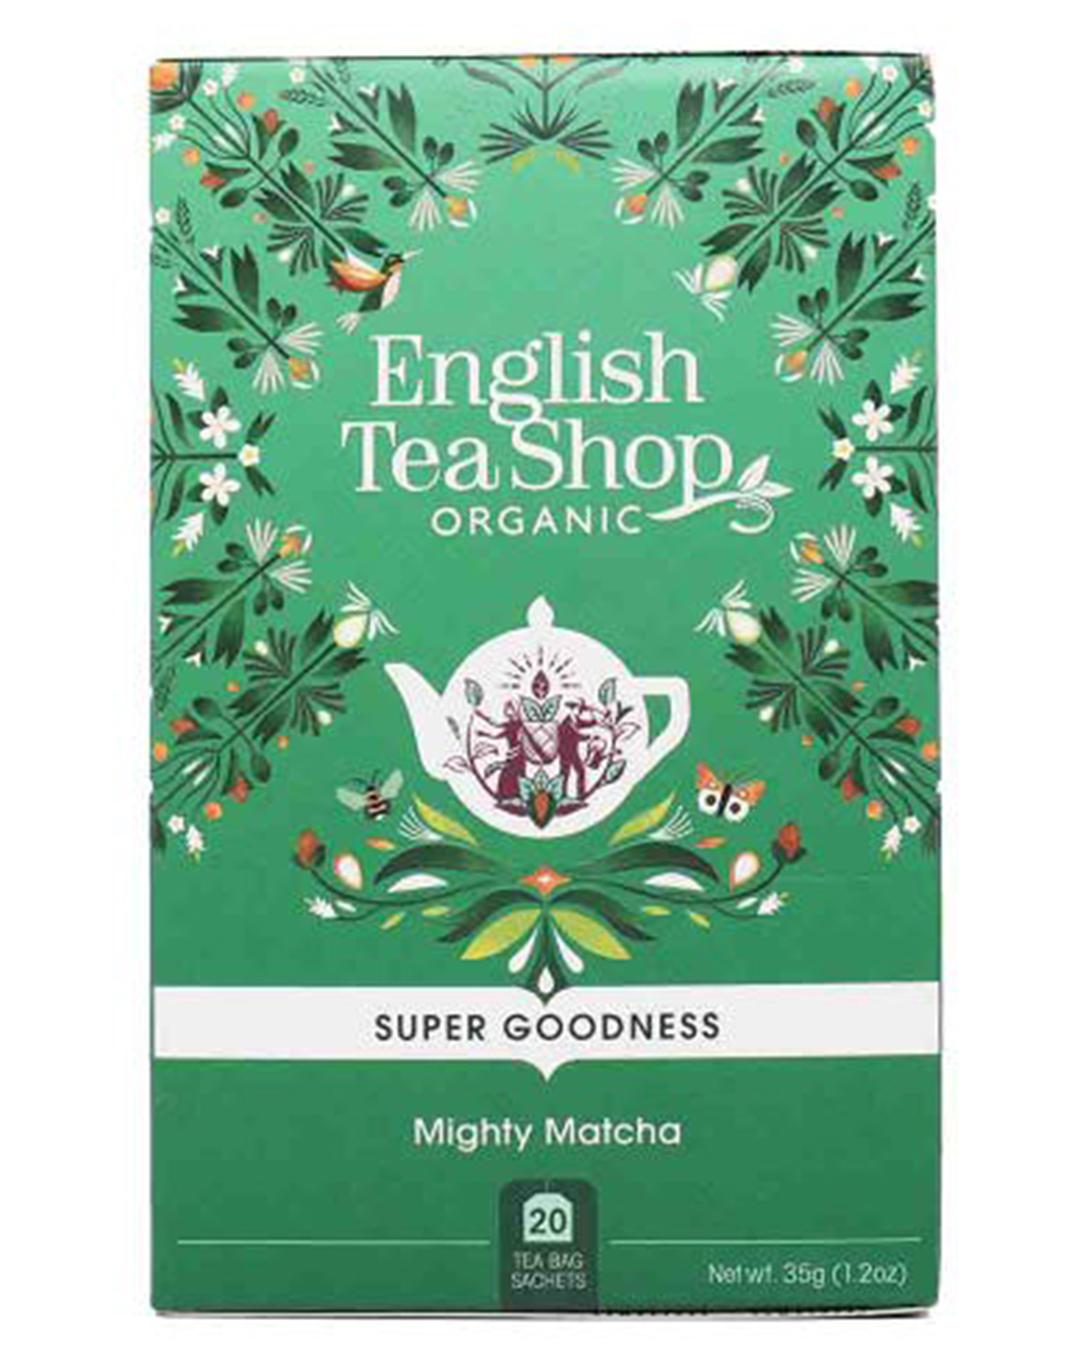 Box of matcha tea bags